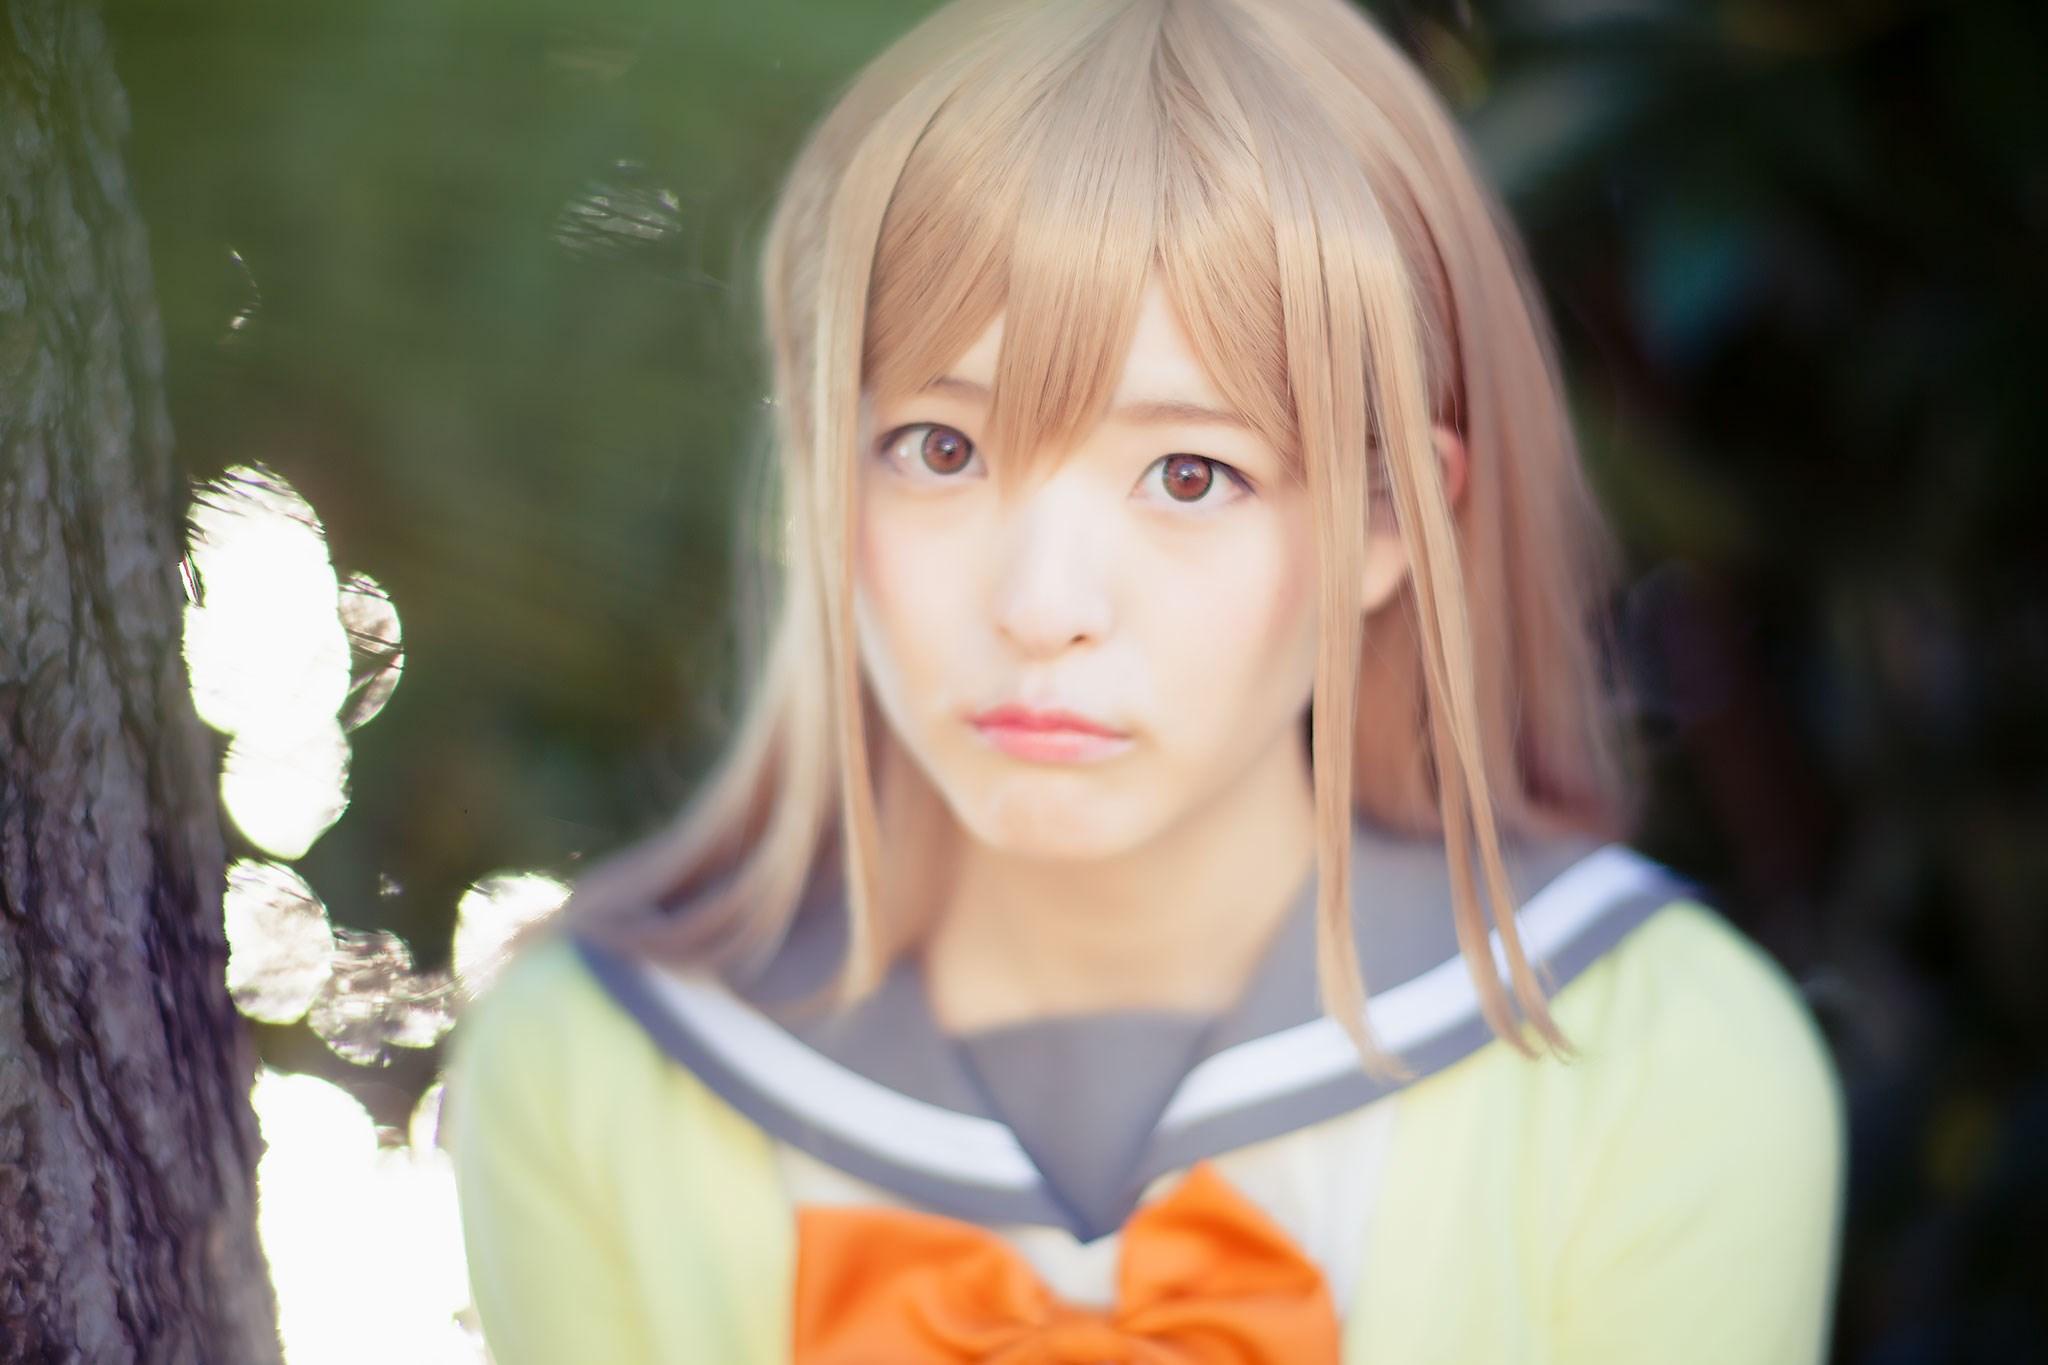 【兔玩映画】阳光与少女 兔玩映画 第38张